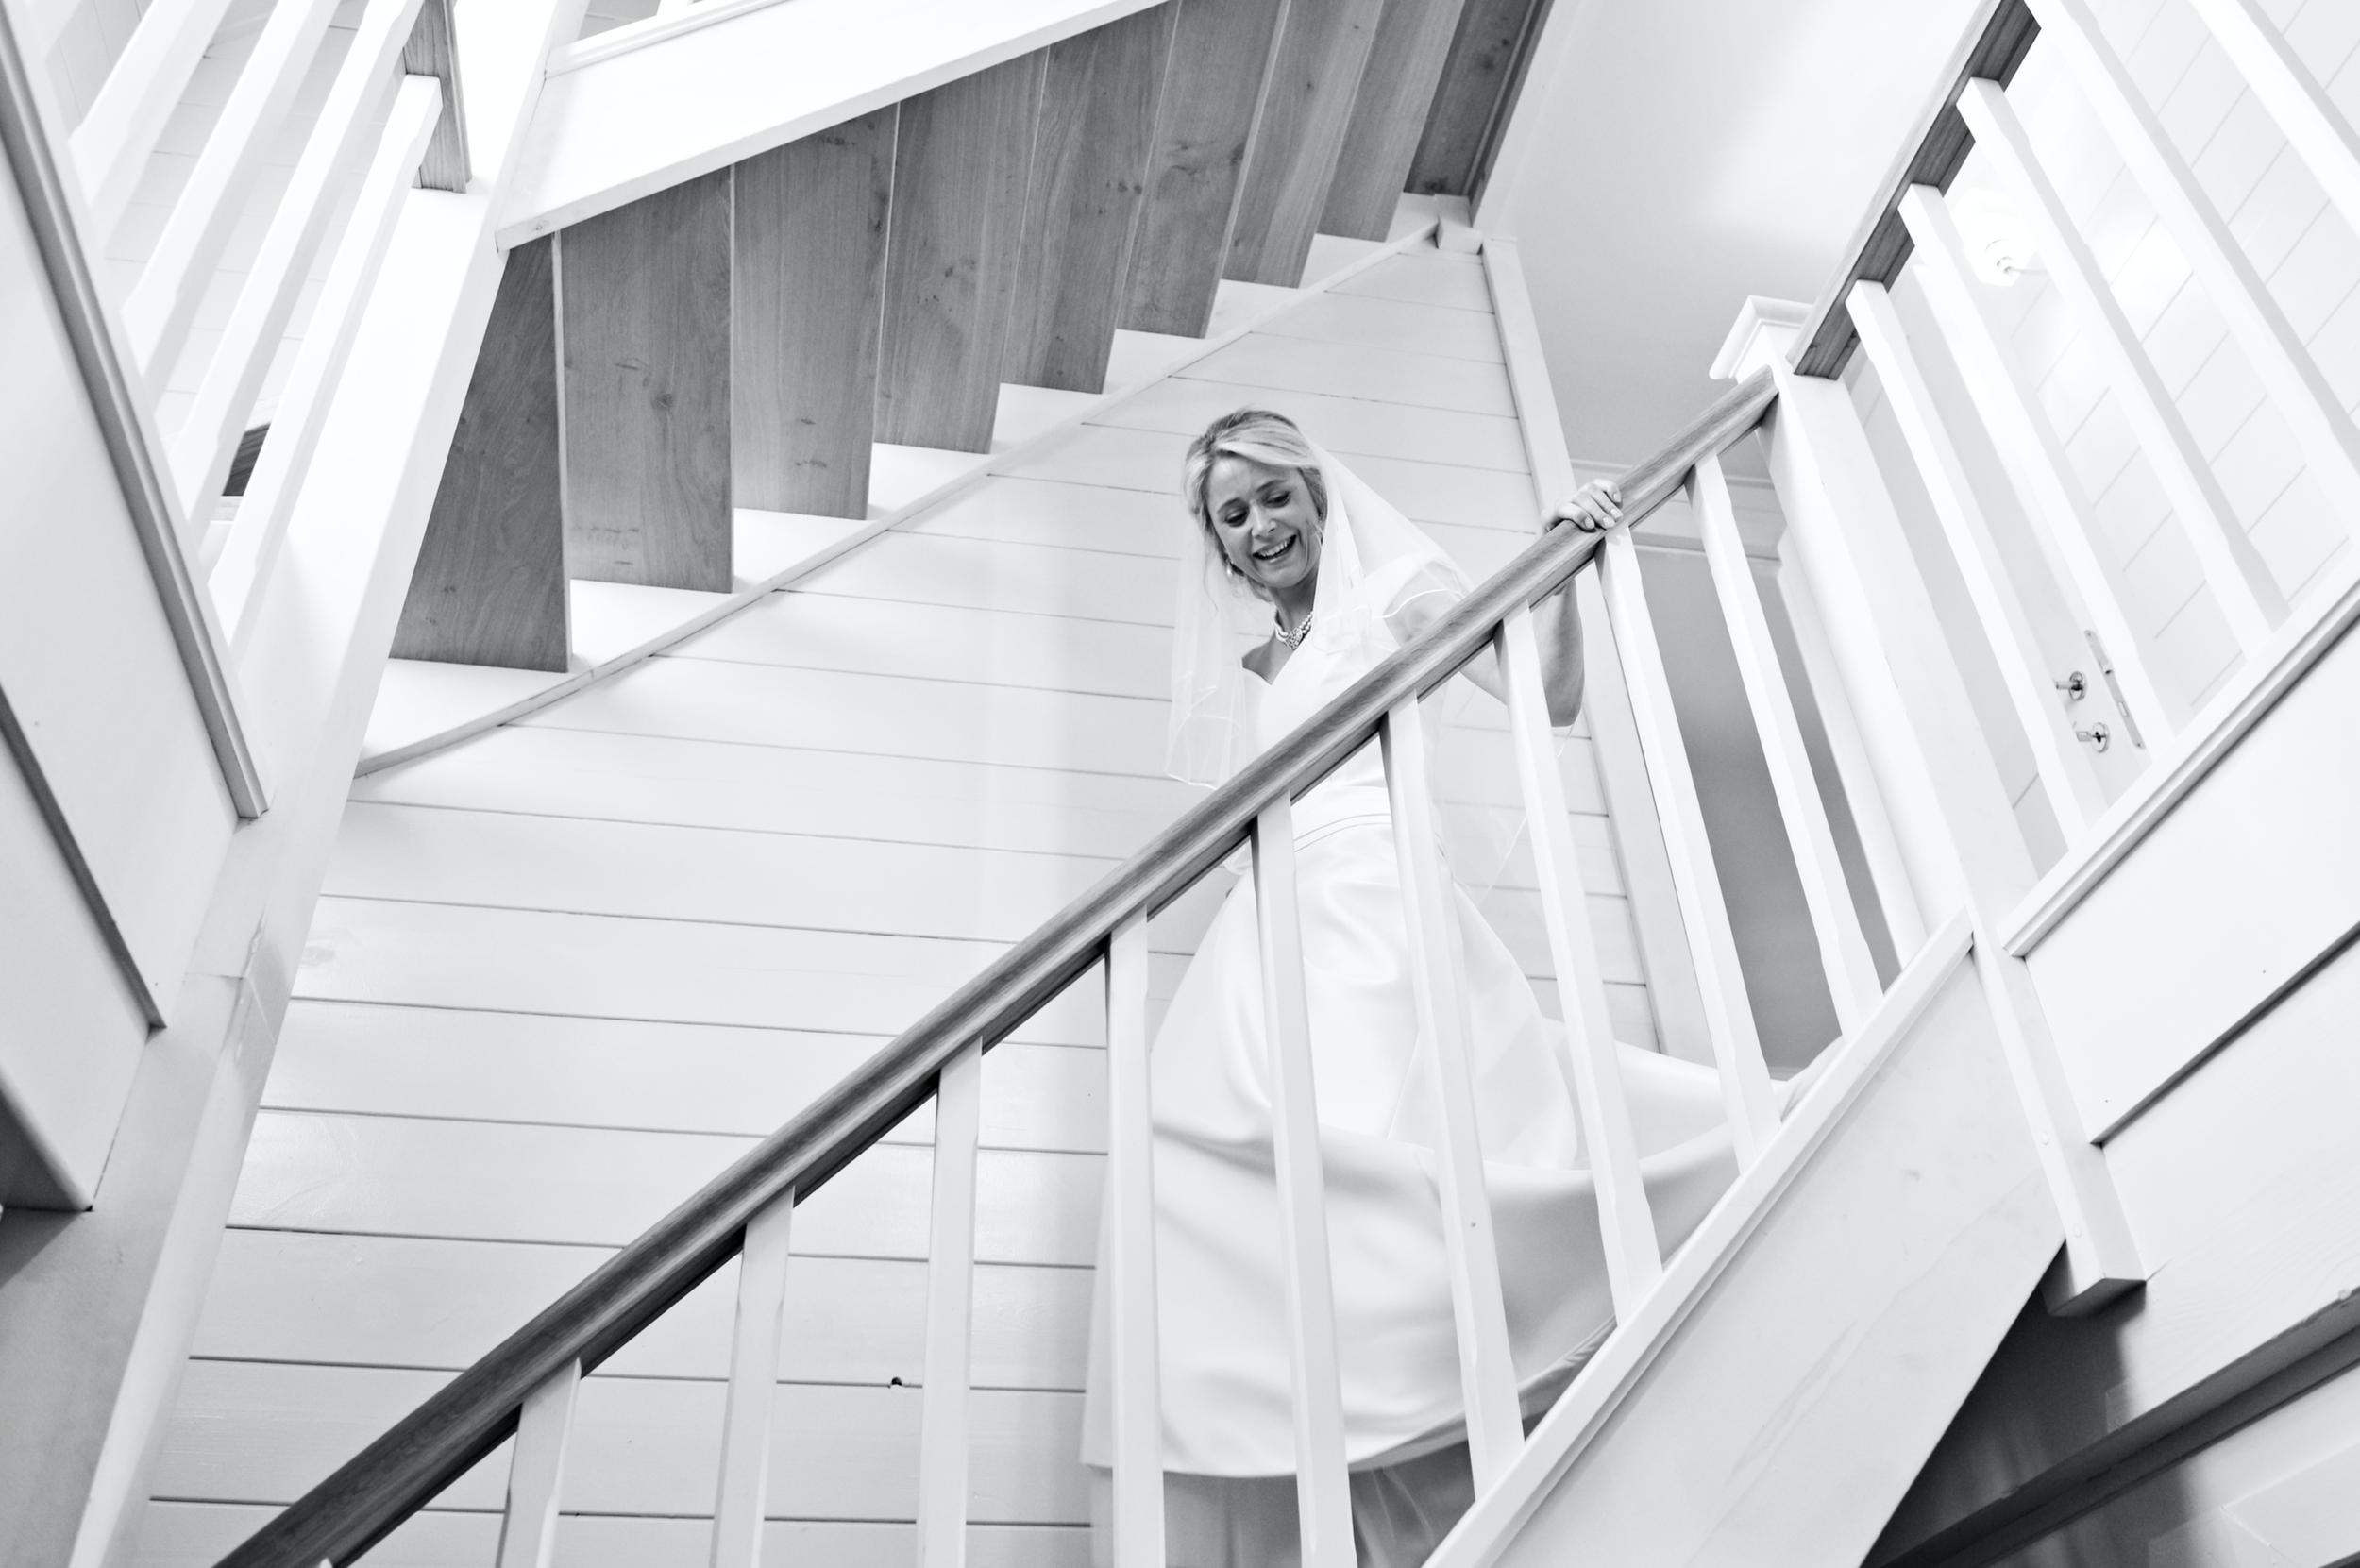 bart albrecht huwelijksfotograaf trouwfotograaf trouwen huwelijk fotografie huwelijksfotografie beste wedding weddingphotographer trouwreportage bruidsfotografie bruidsfotograaf0006.png